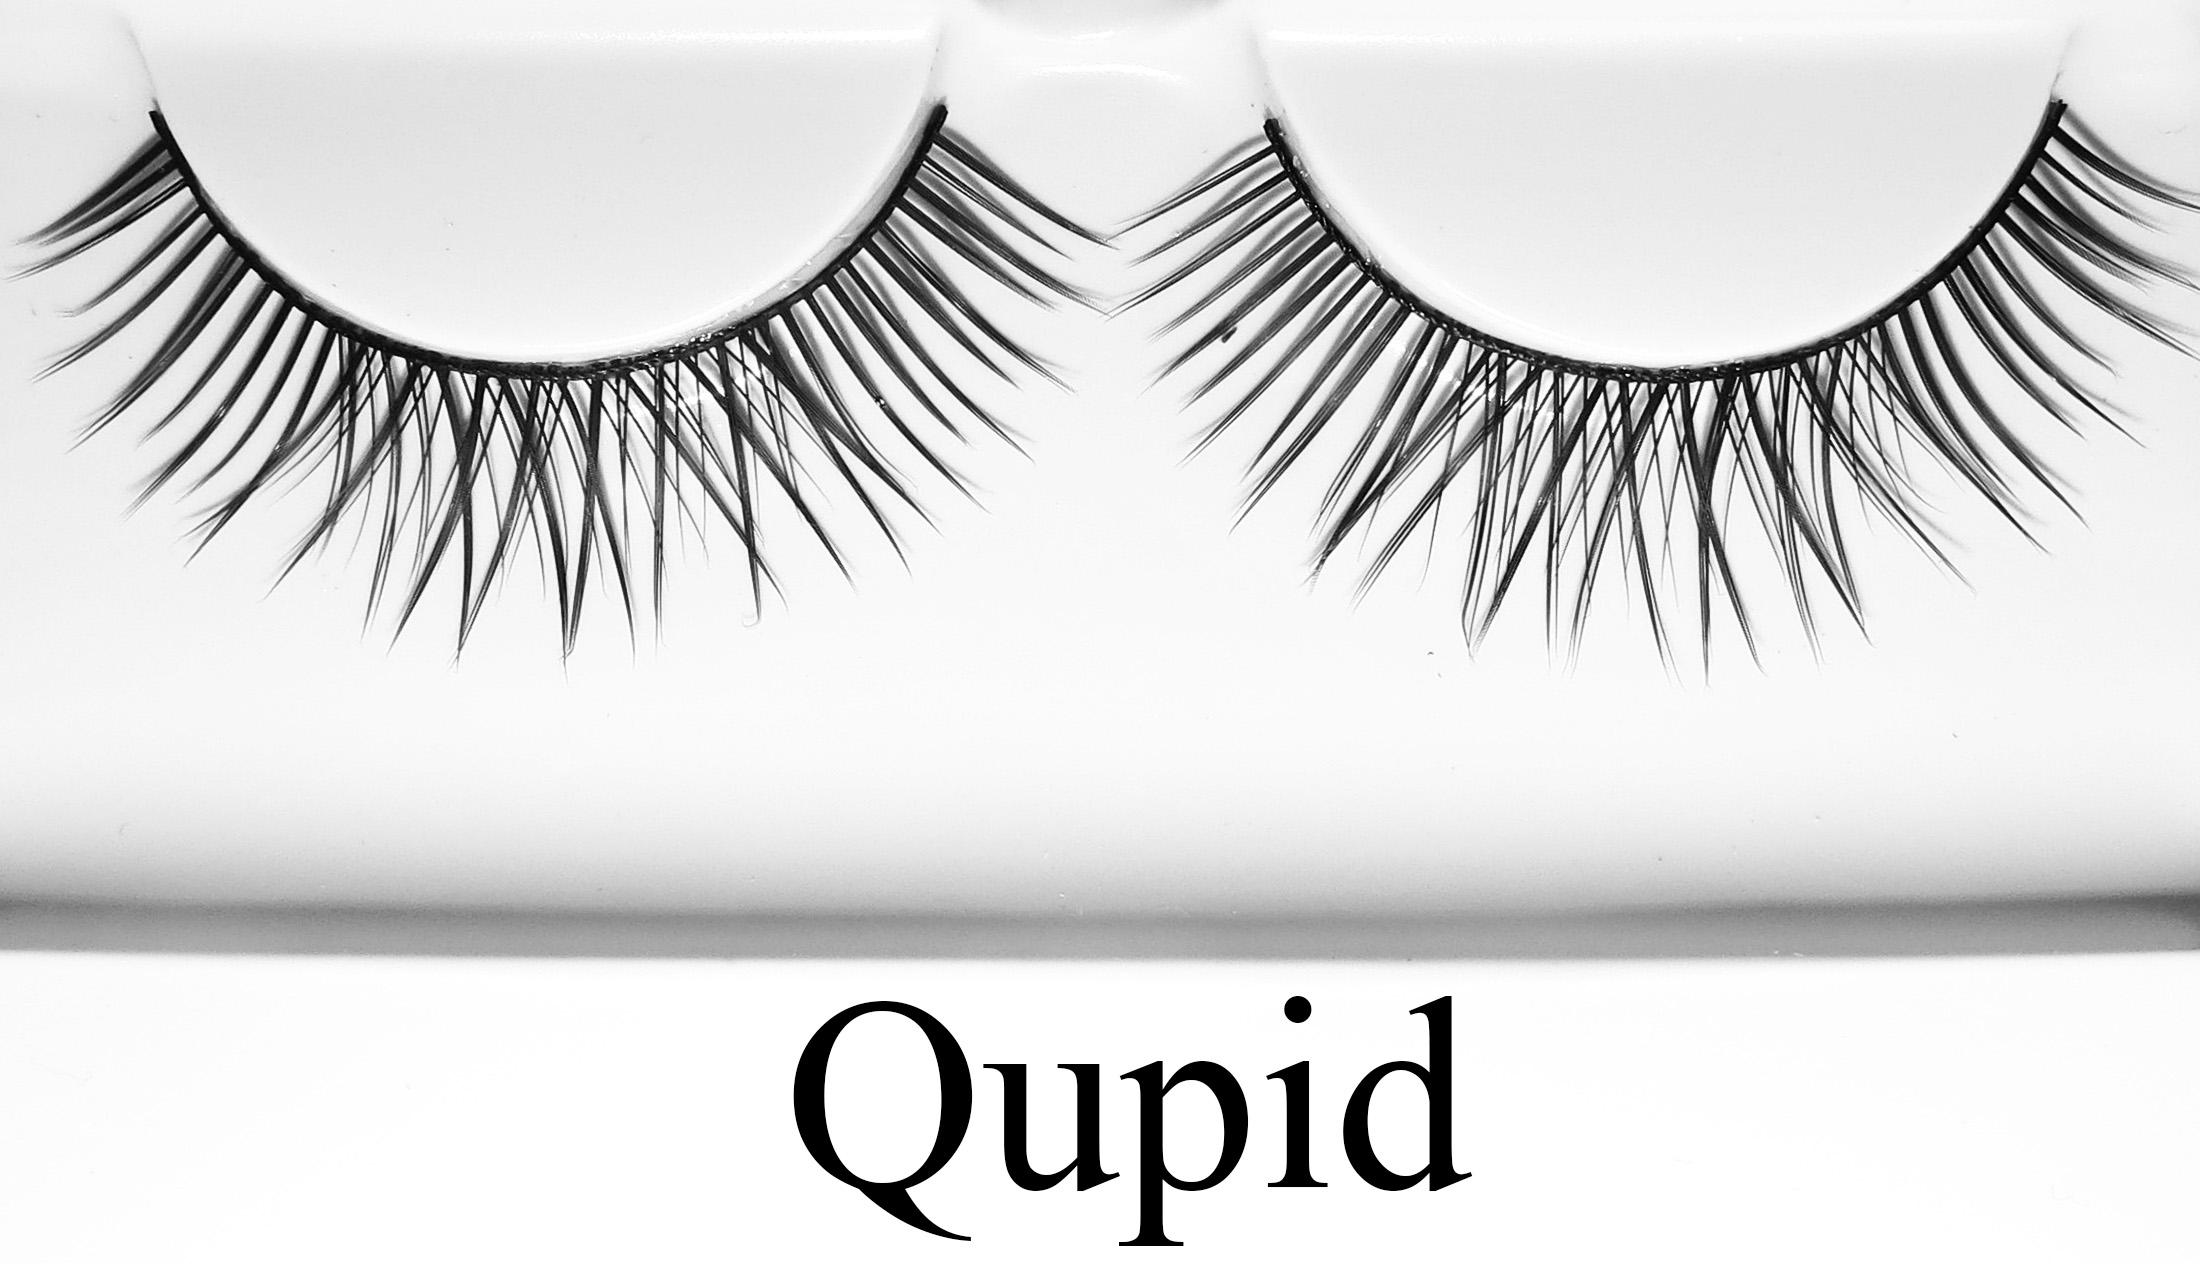 1Qupid